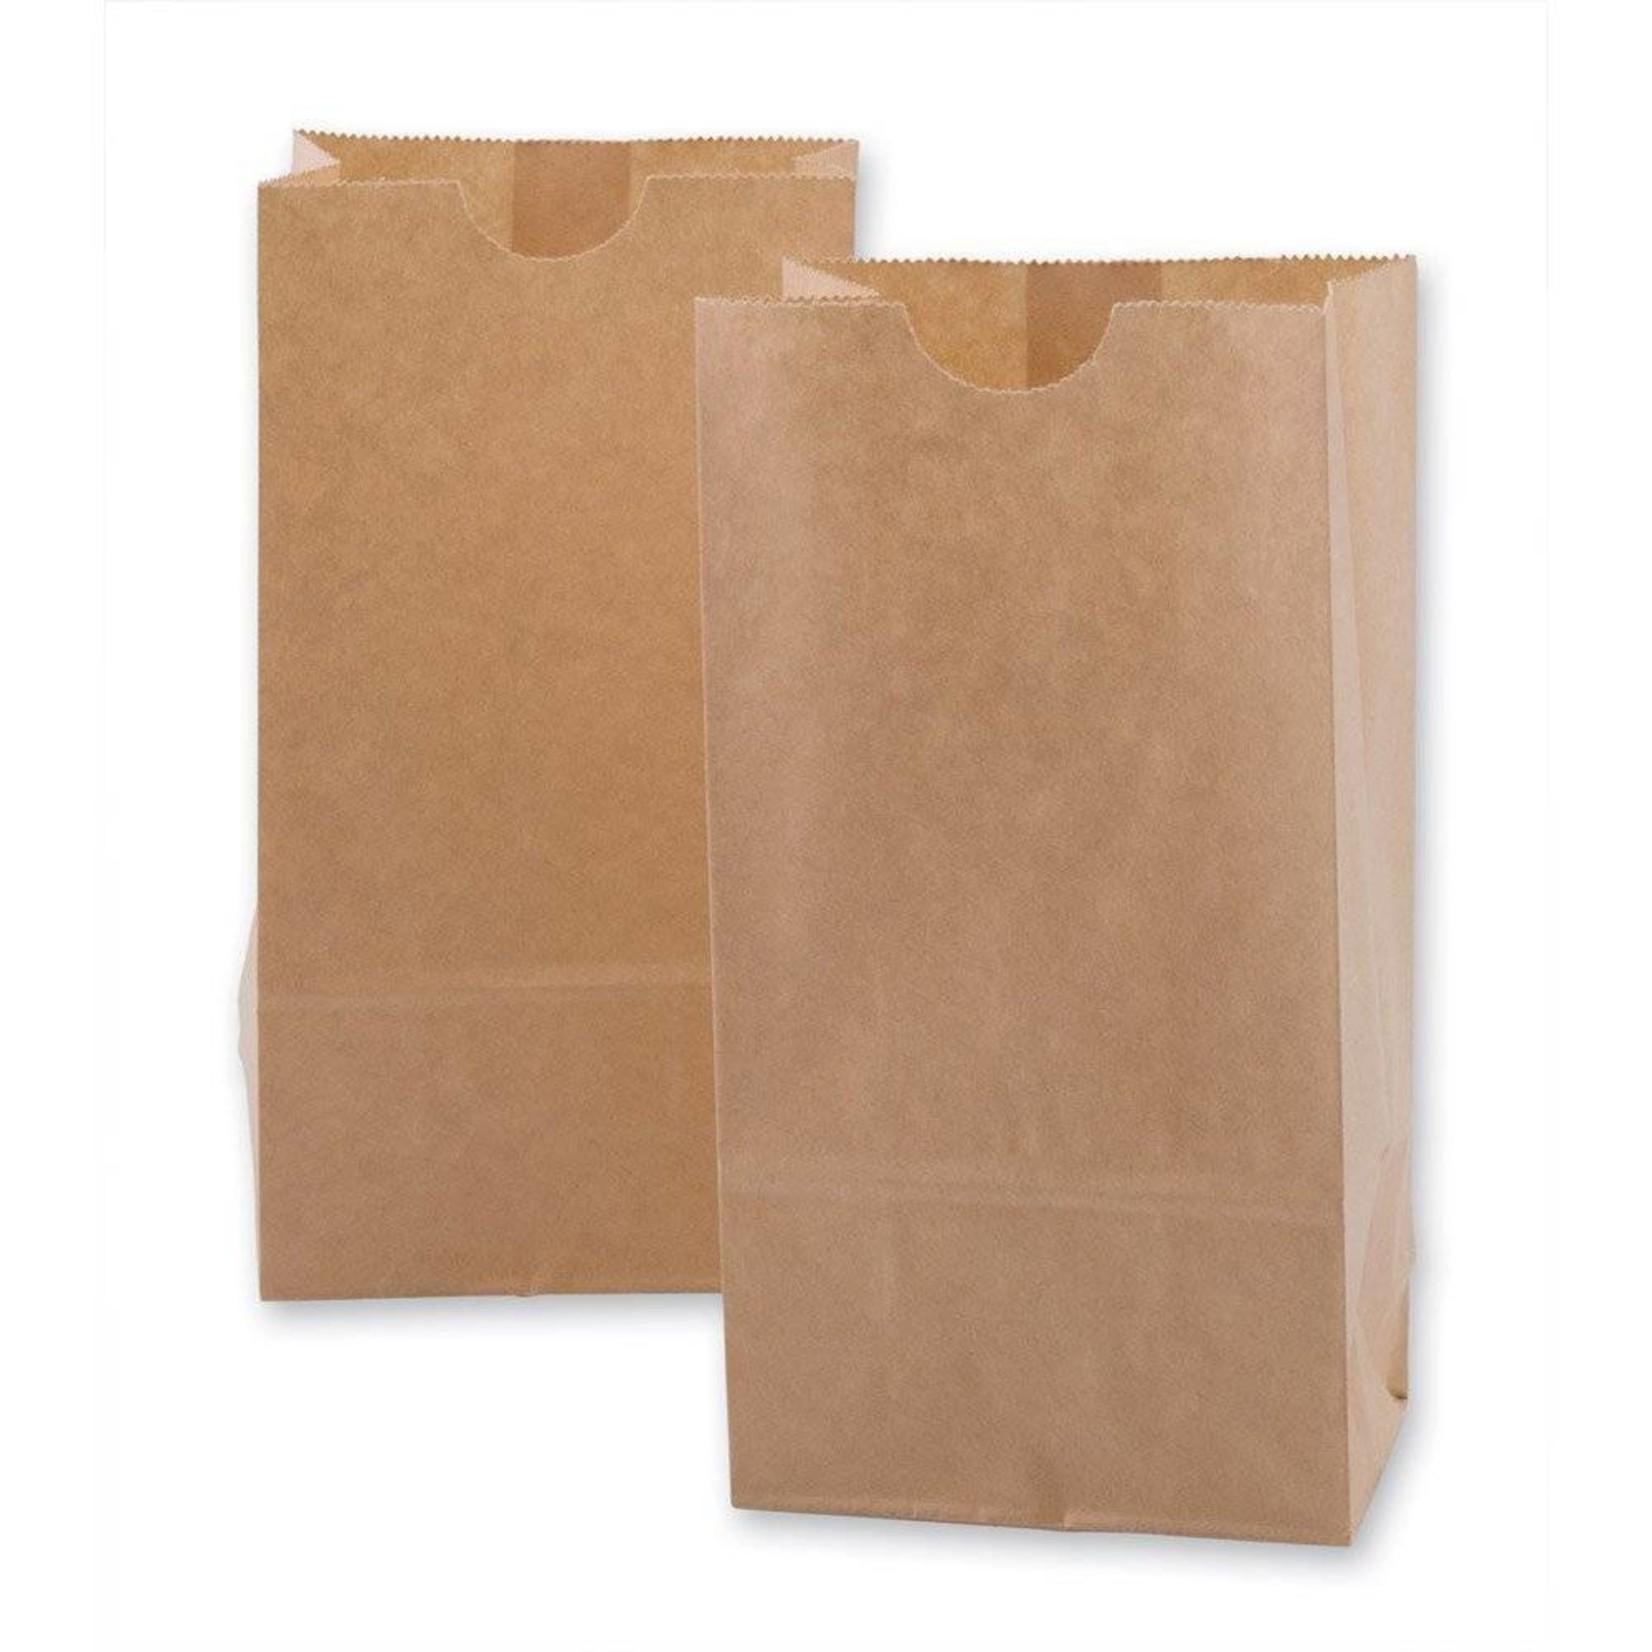 Bags-Brown-Paper-5lb-50pk